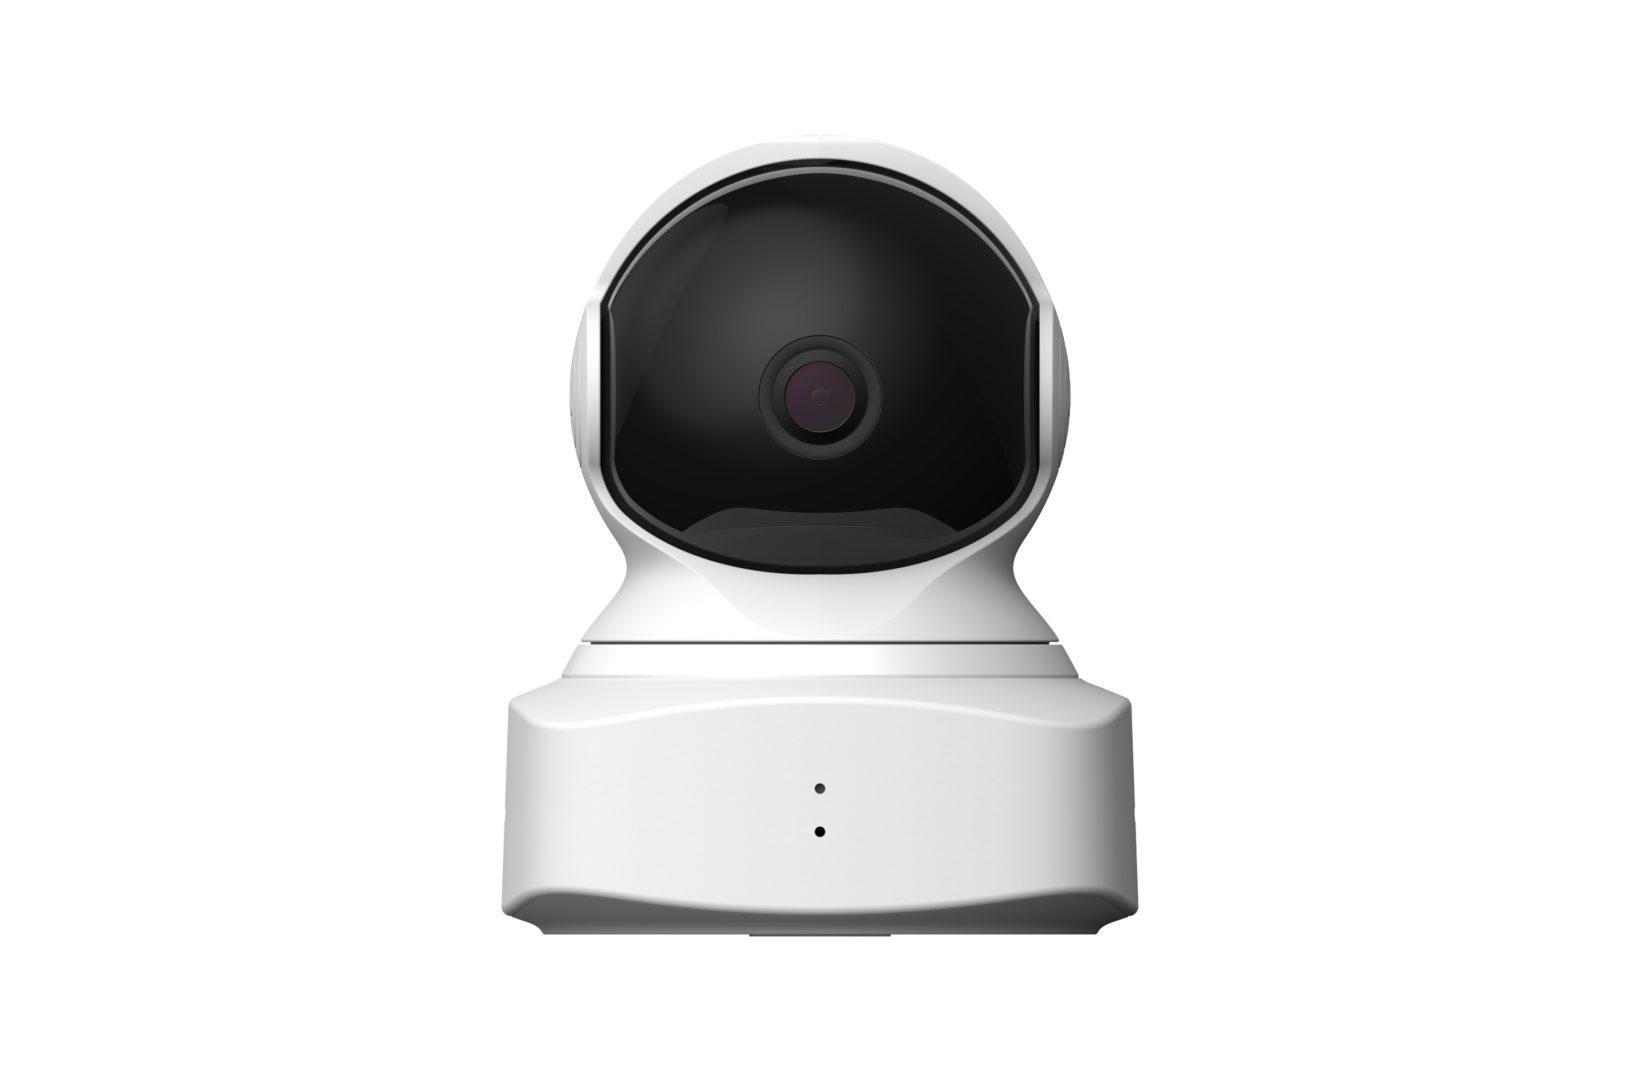 Videocamera di sicurezza yi cloud dome camera solo fino a - Videocamera di sicurezza ...